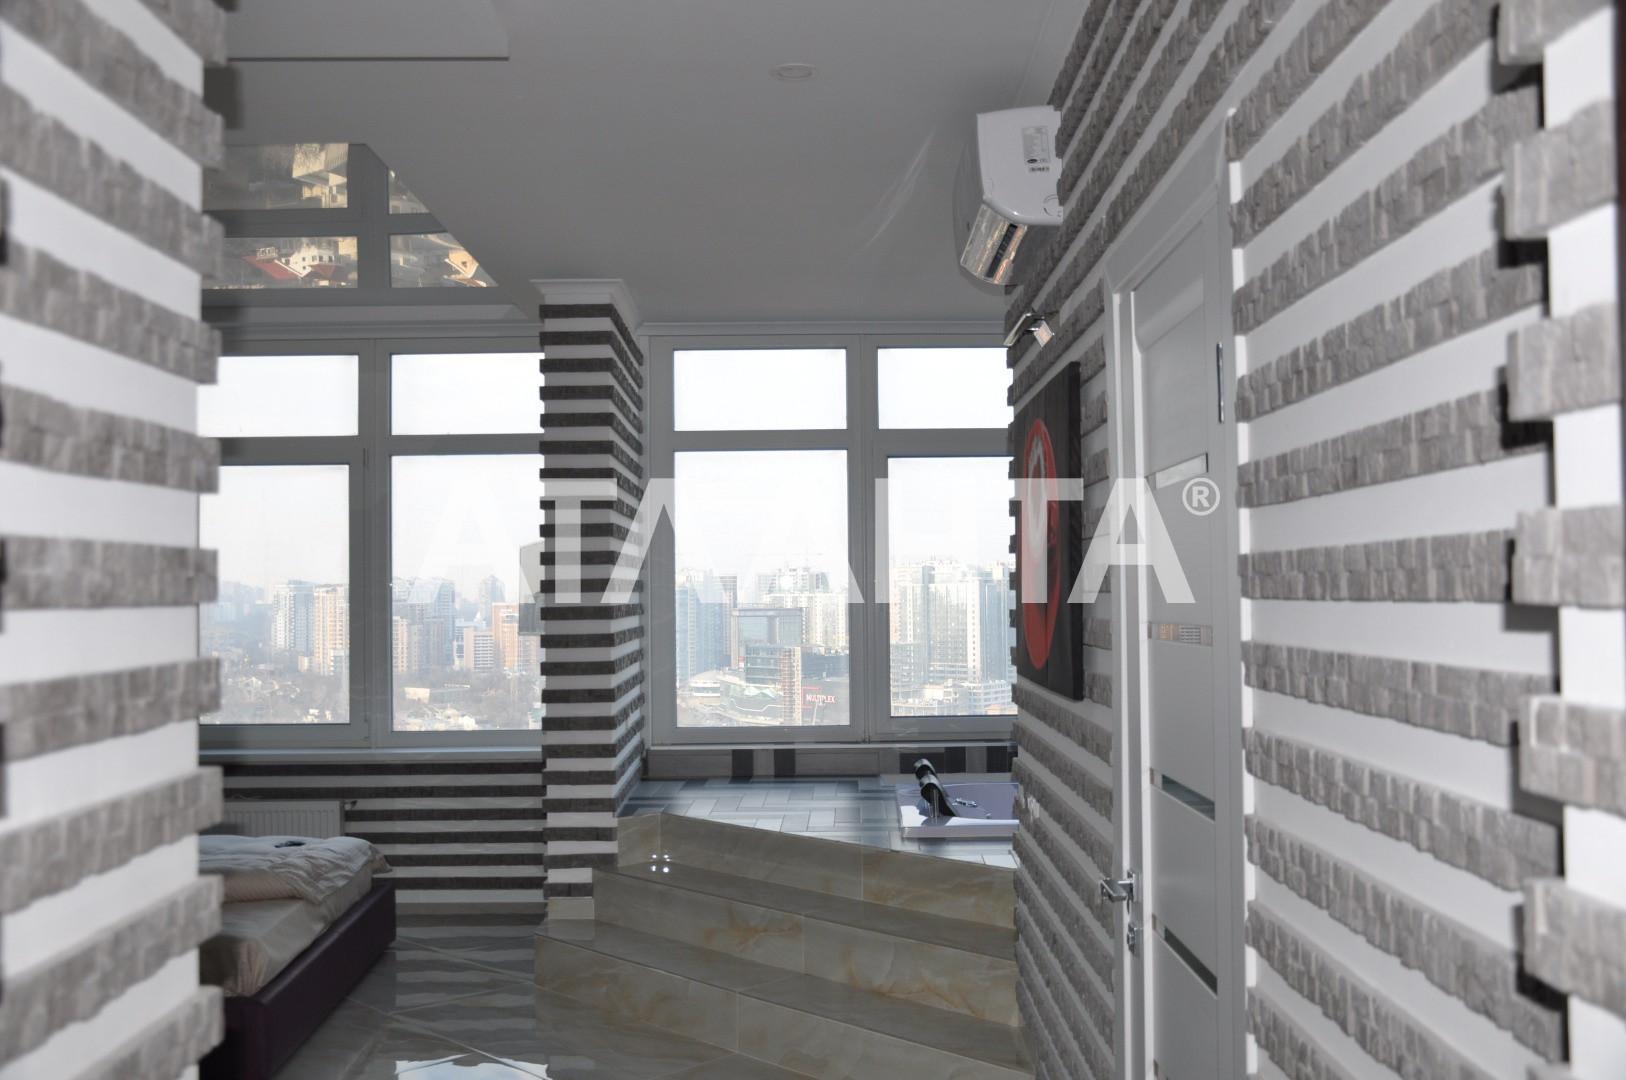 Продается 1-комнатная Квартира на ул. Каманина — 76 000 у.е. (фото №4)